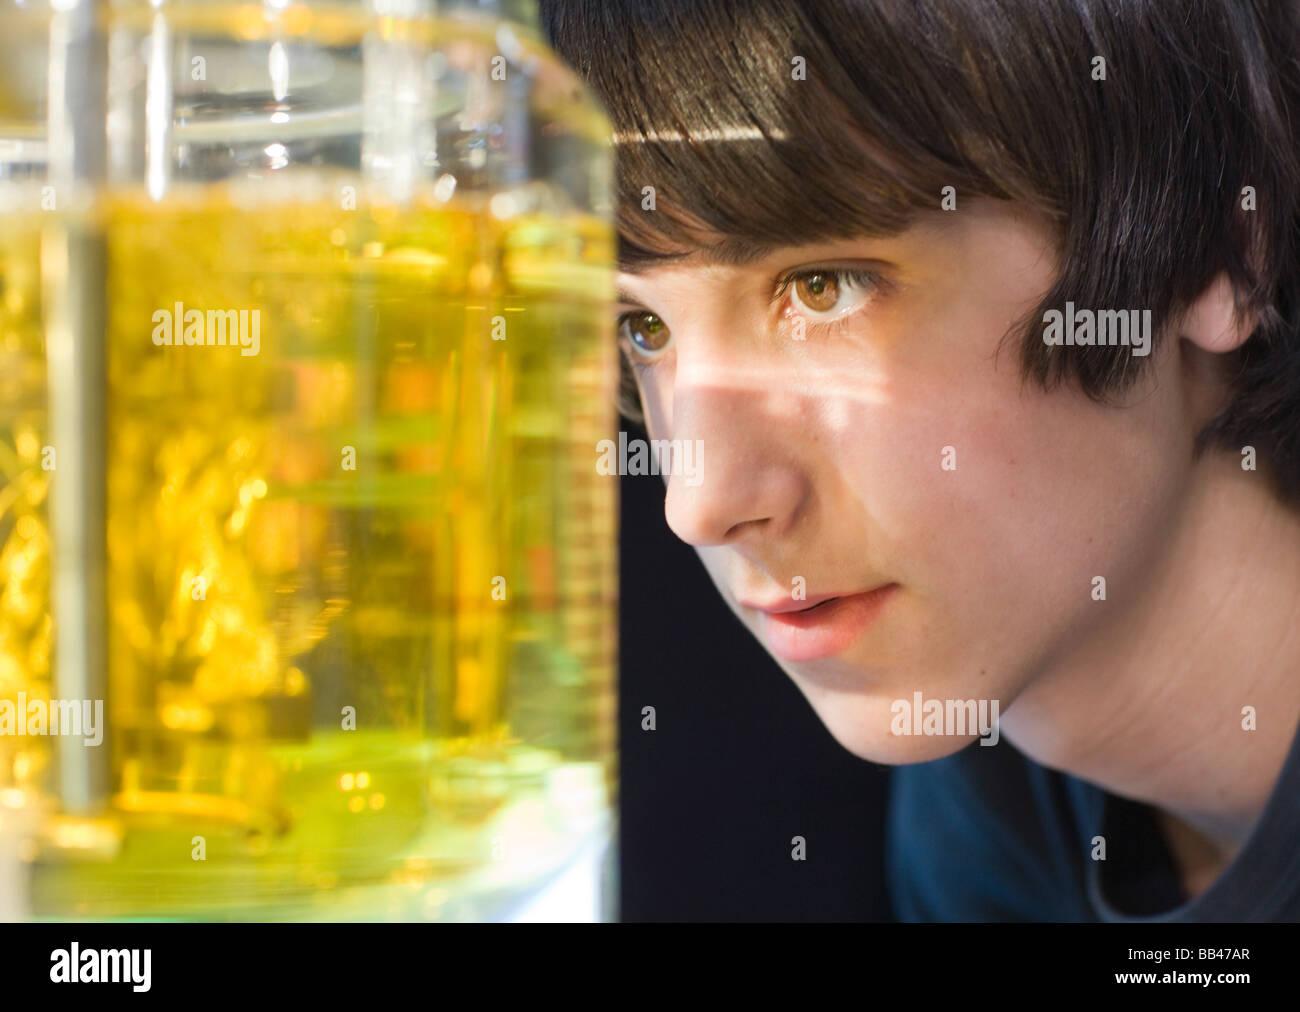 Cours de chimie à des élèves Photo Stock